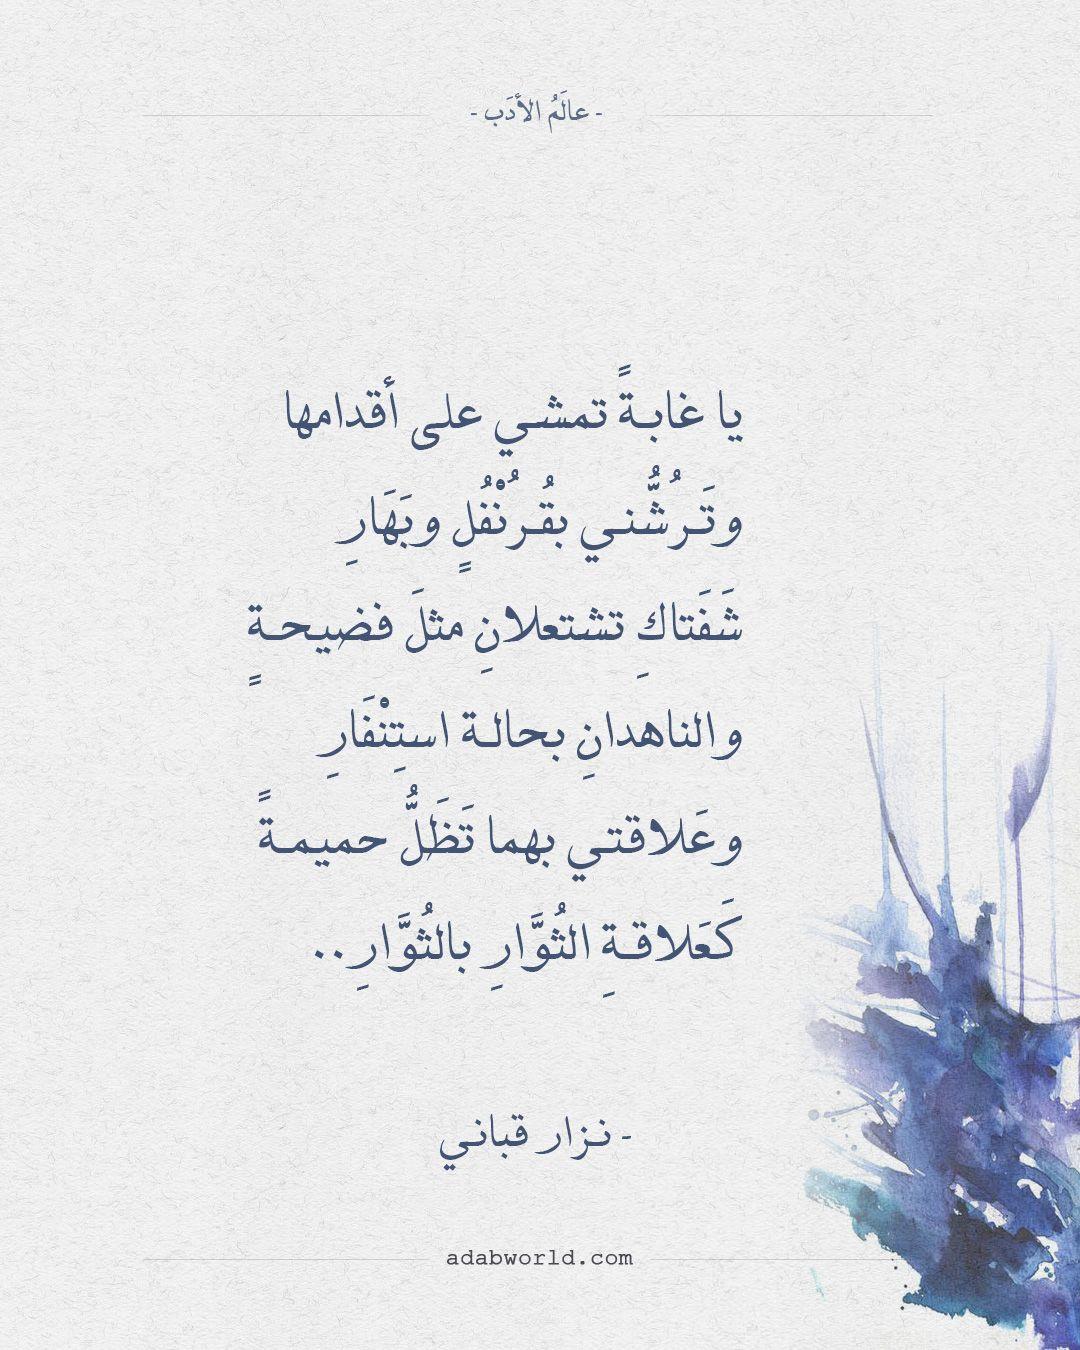 شعر نزار قباني يا غابة تمشي على أقدامها عالم الأدب Quotes For Book Lovers Poet Quotes Arabic Love Quotes